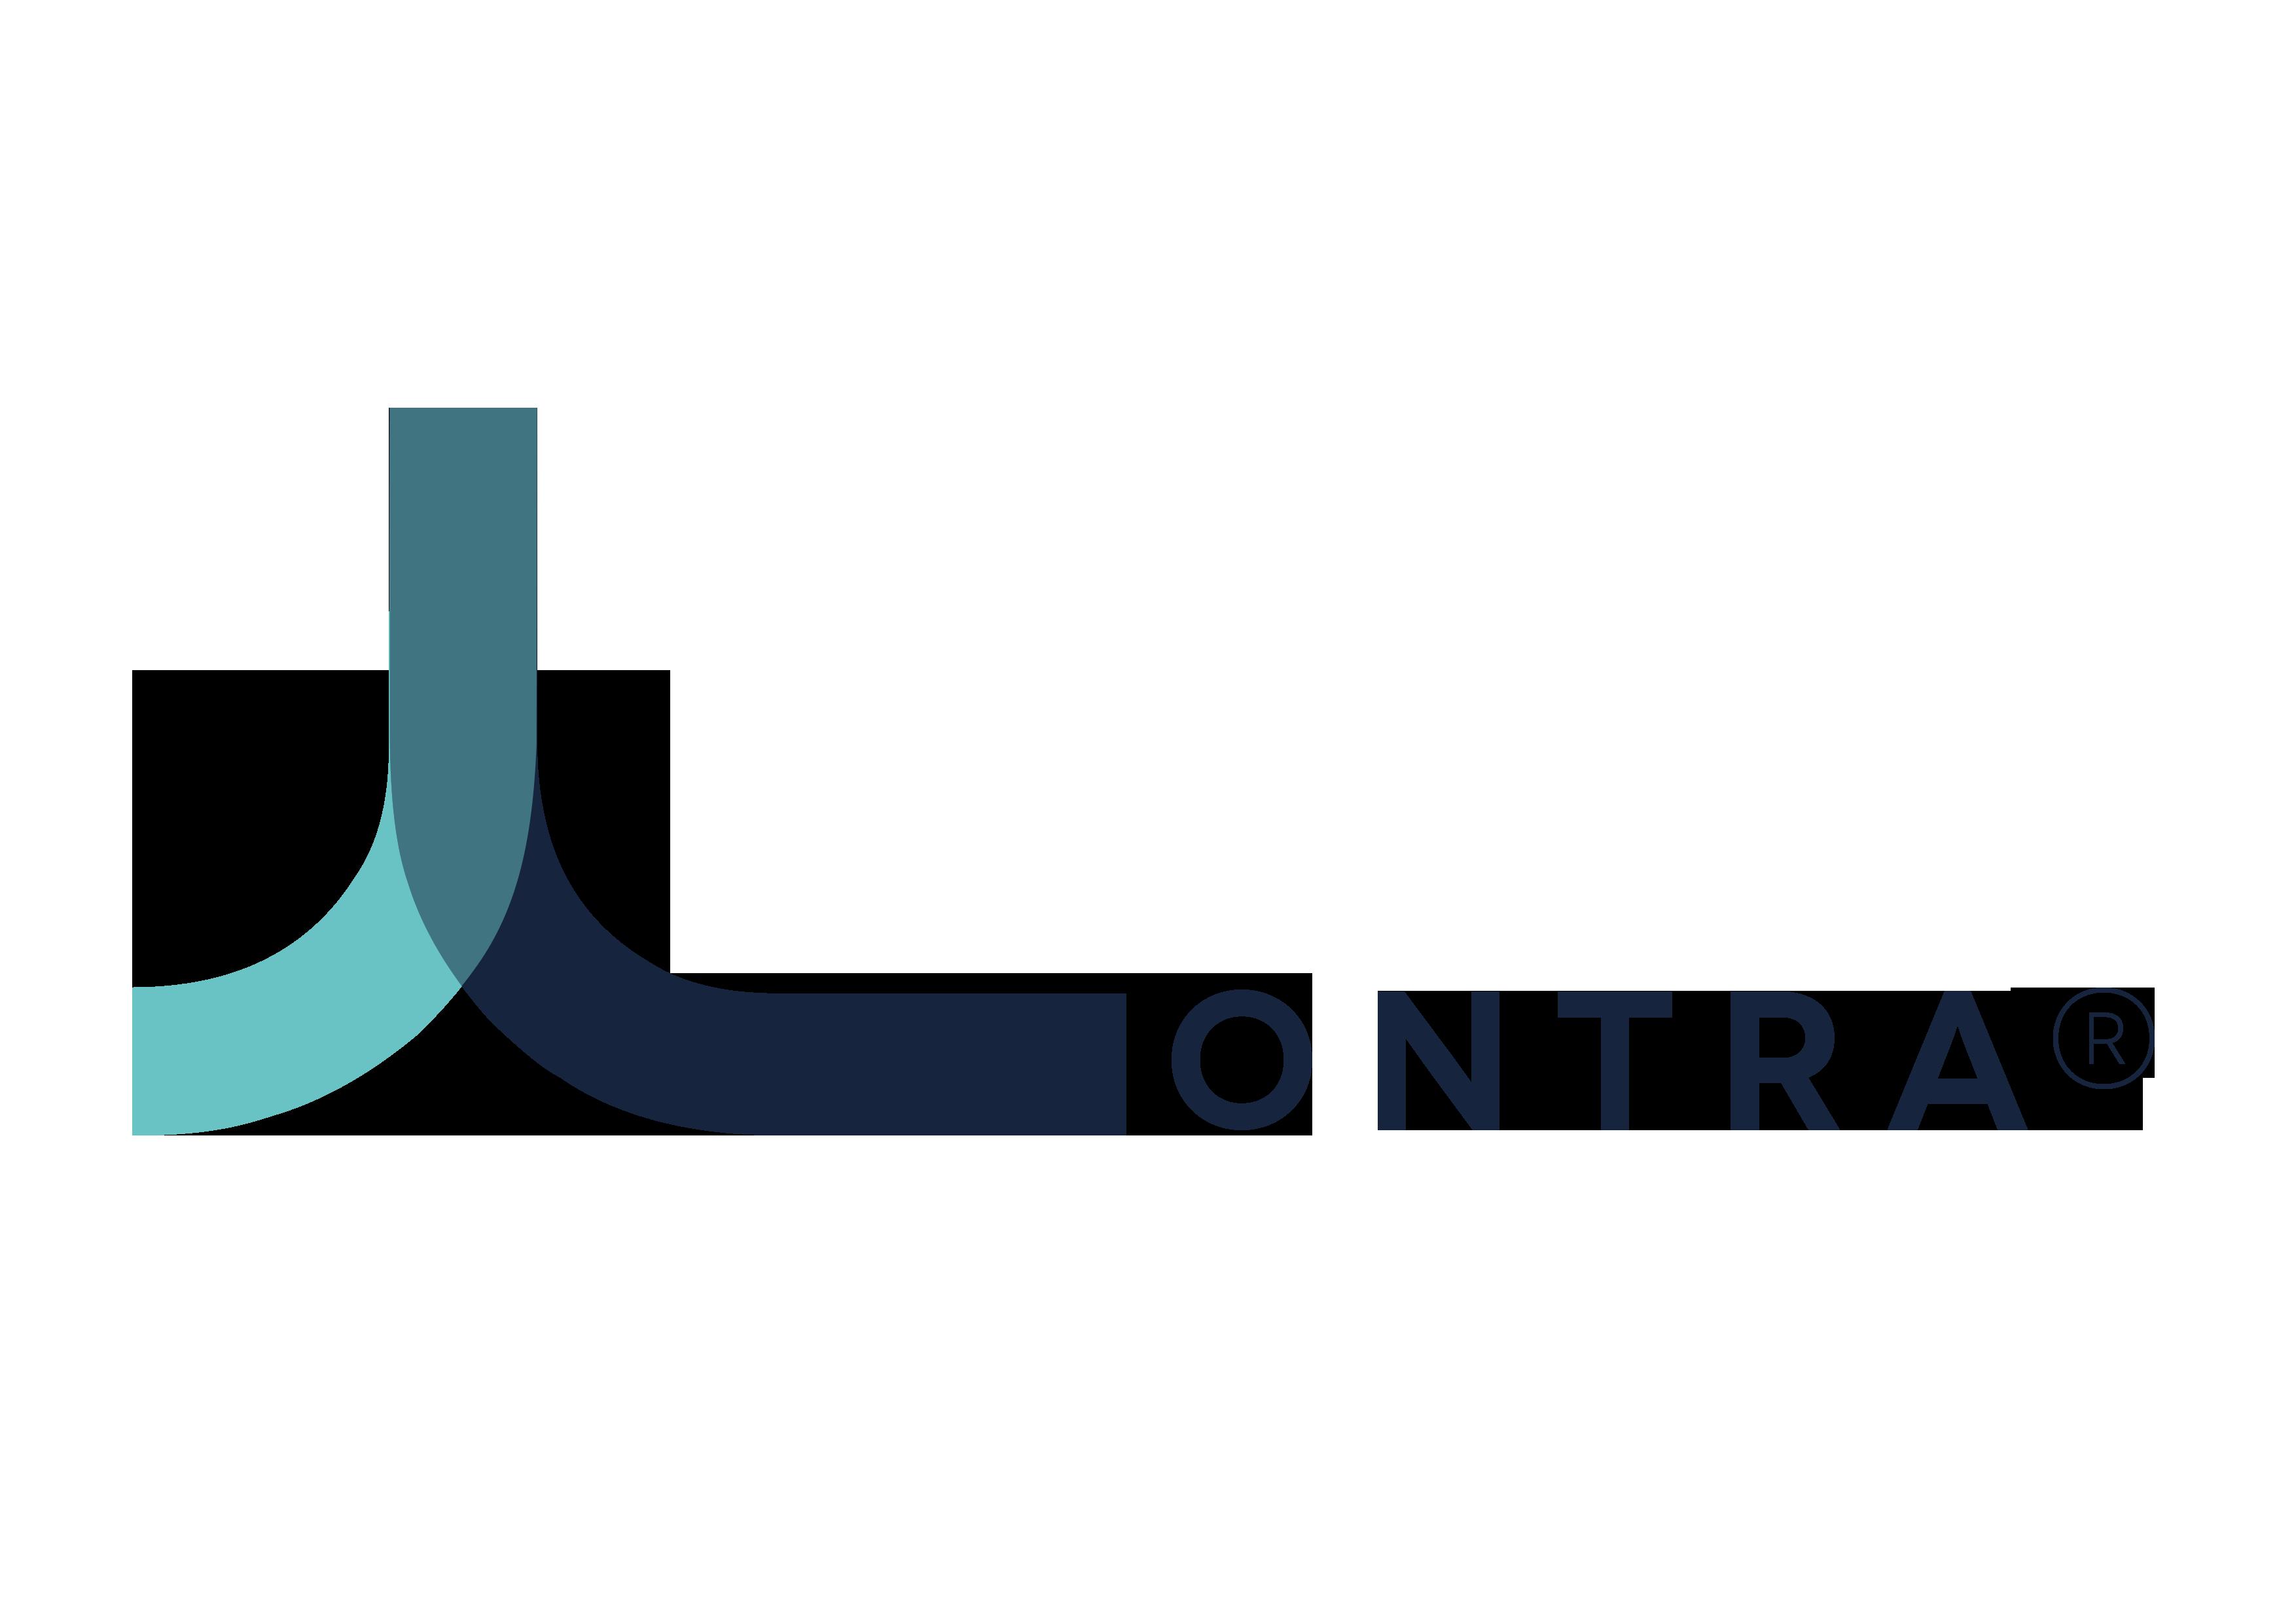 lontra-logo